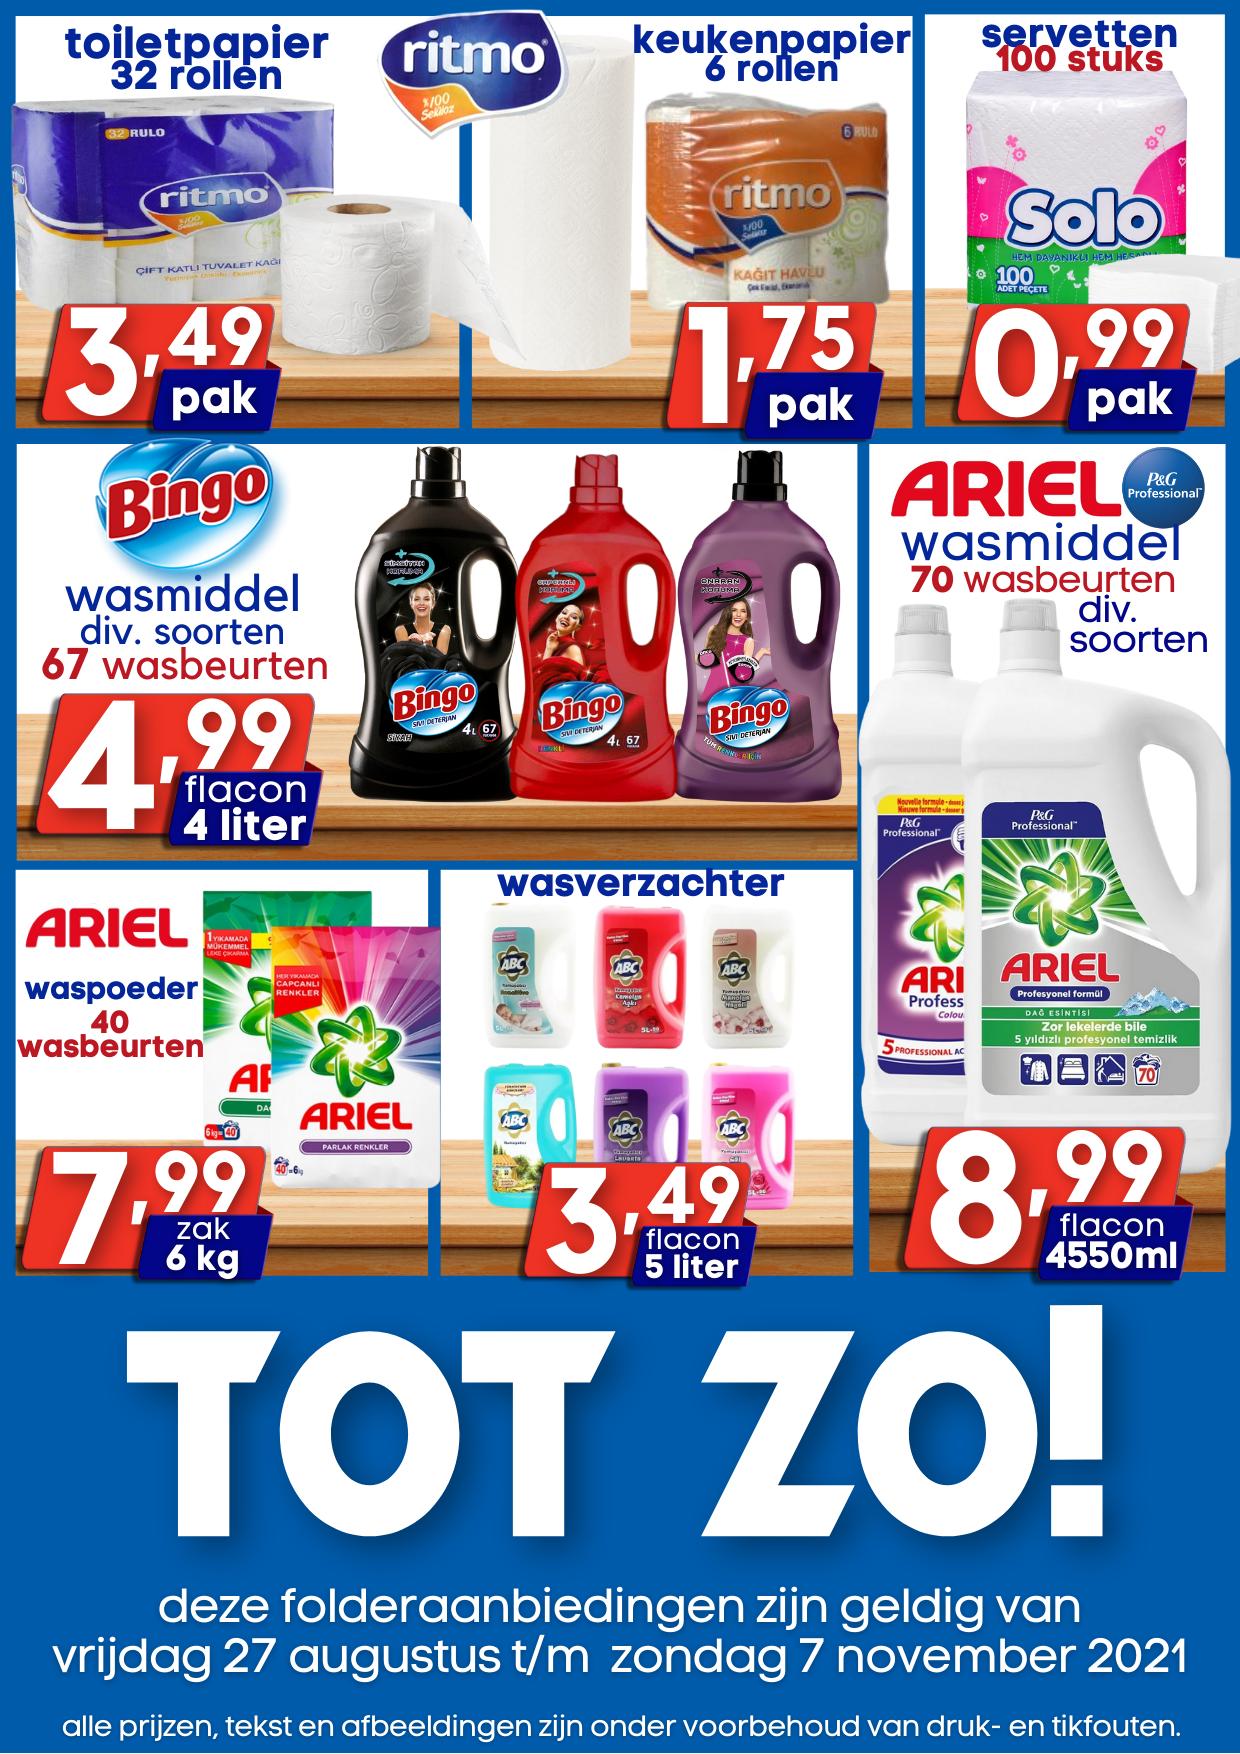 Slagerij aanbiedingen Özbaktat Supermarkt Apeldoorn